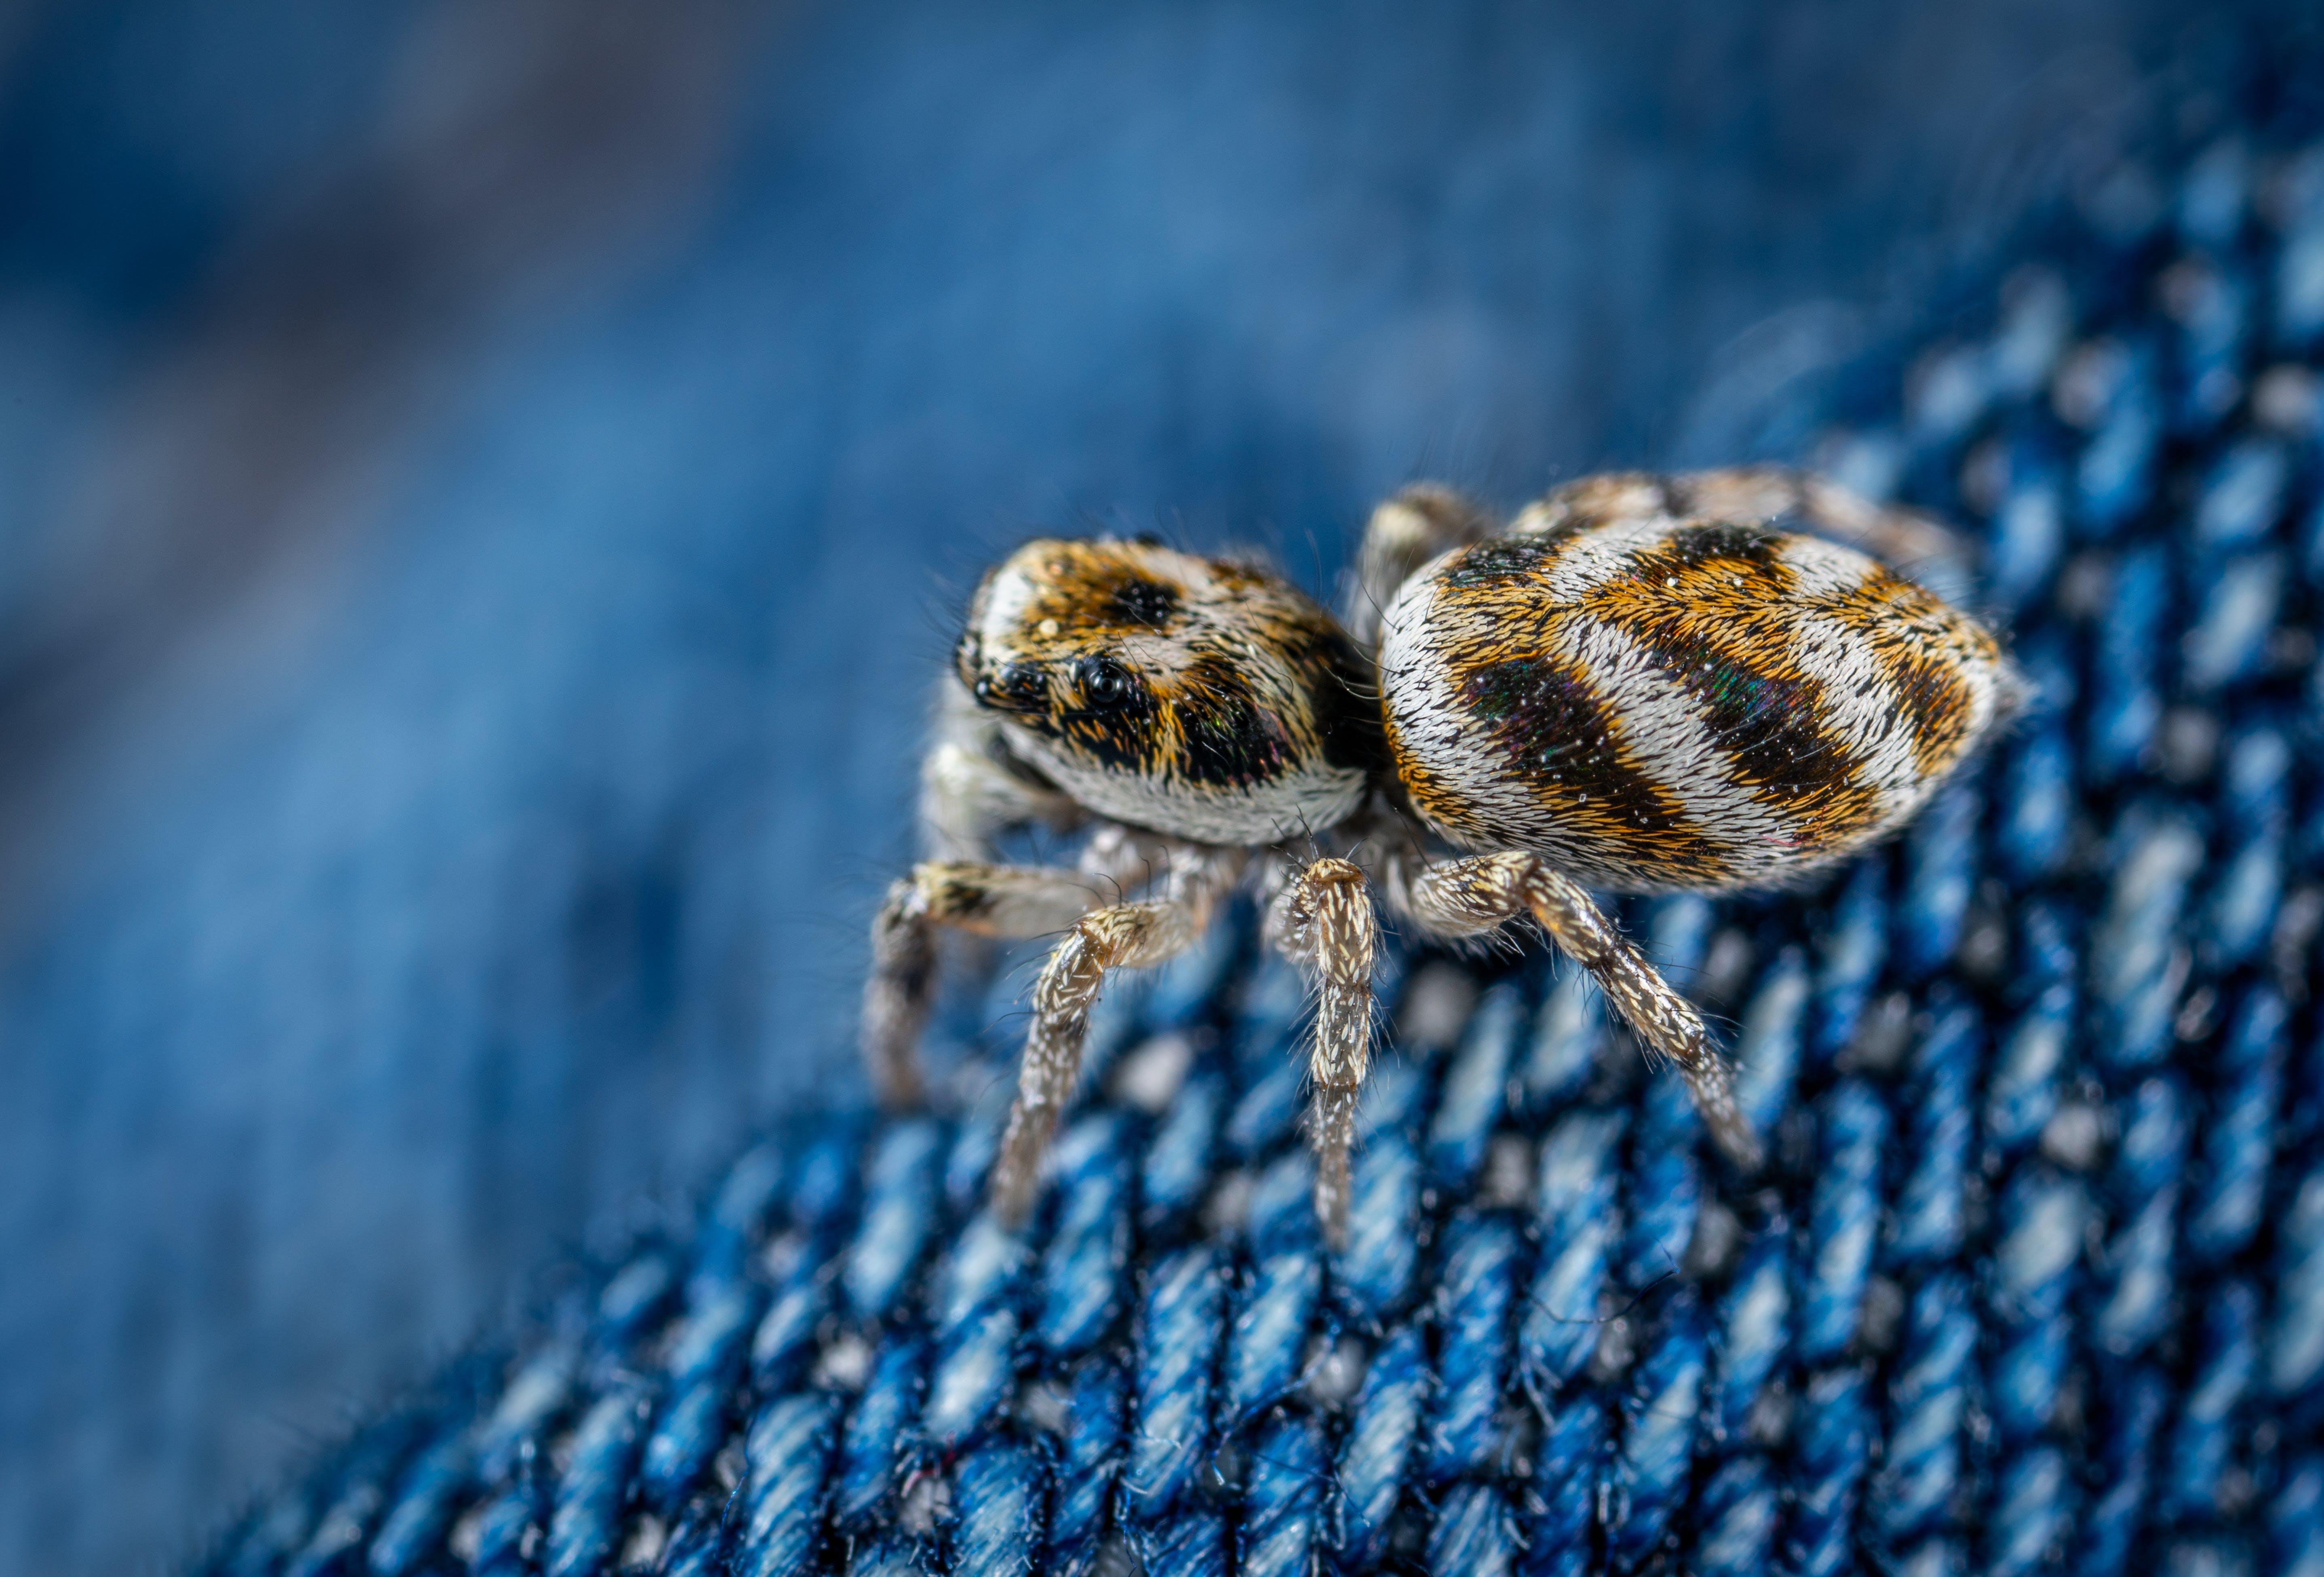 거미, 거미류, 동물, 매크로의 무료 스톡 사진